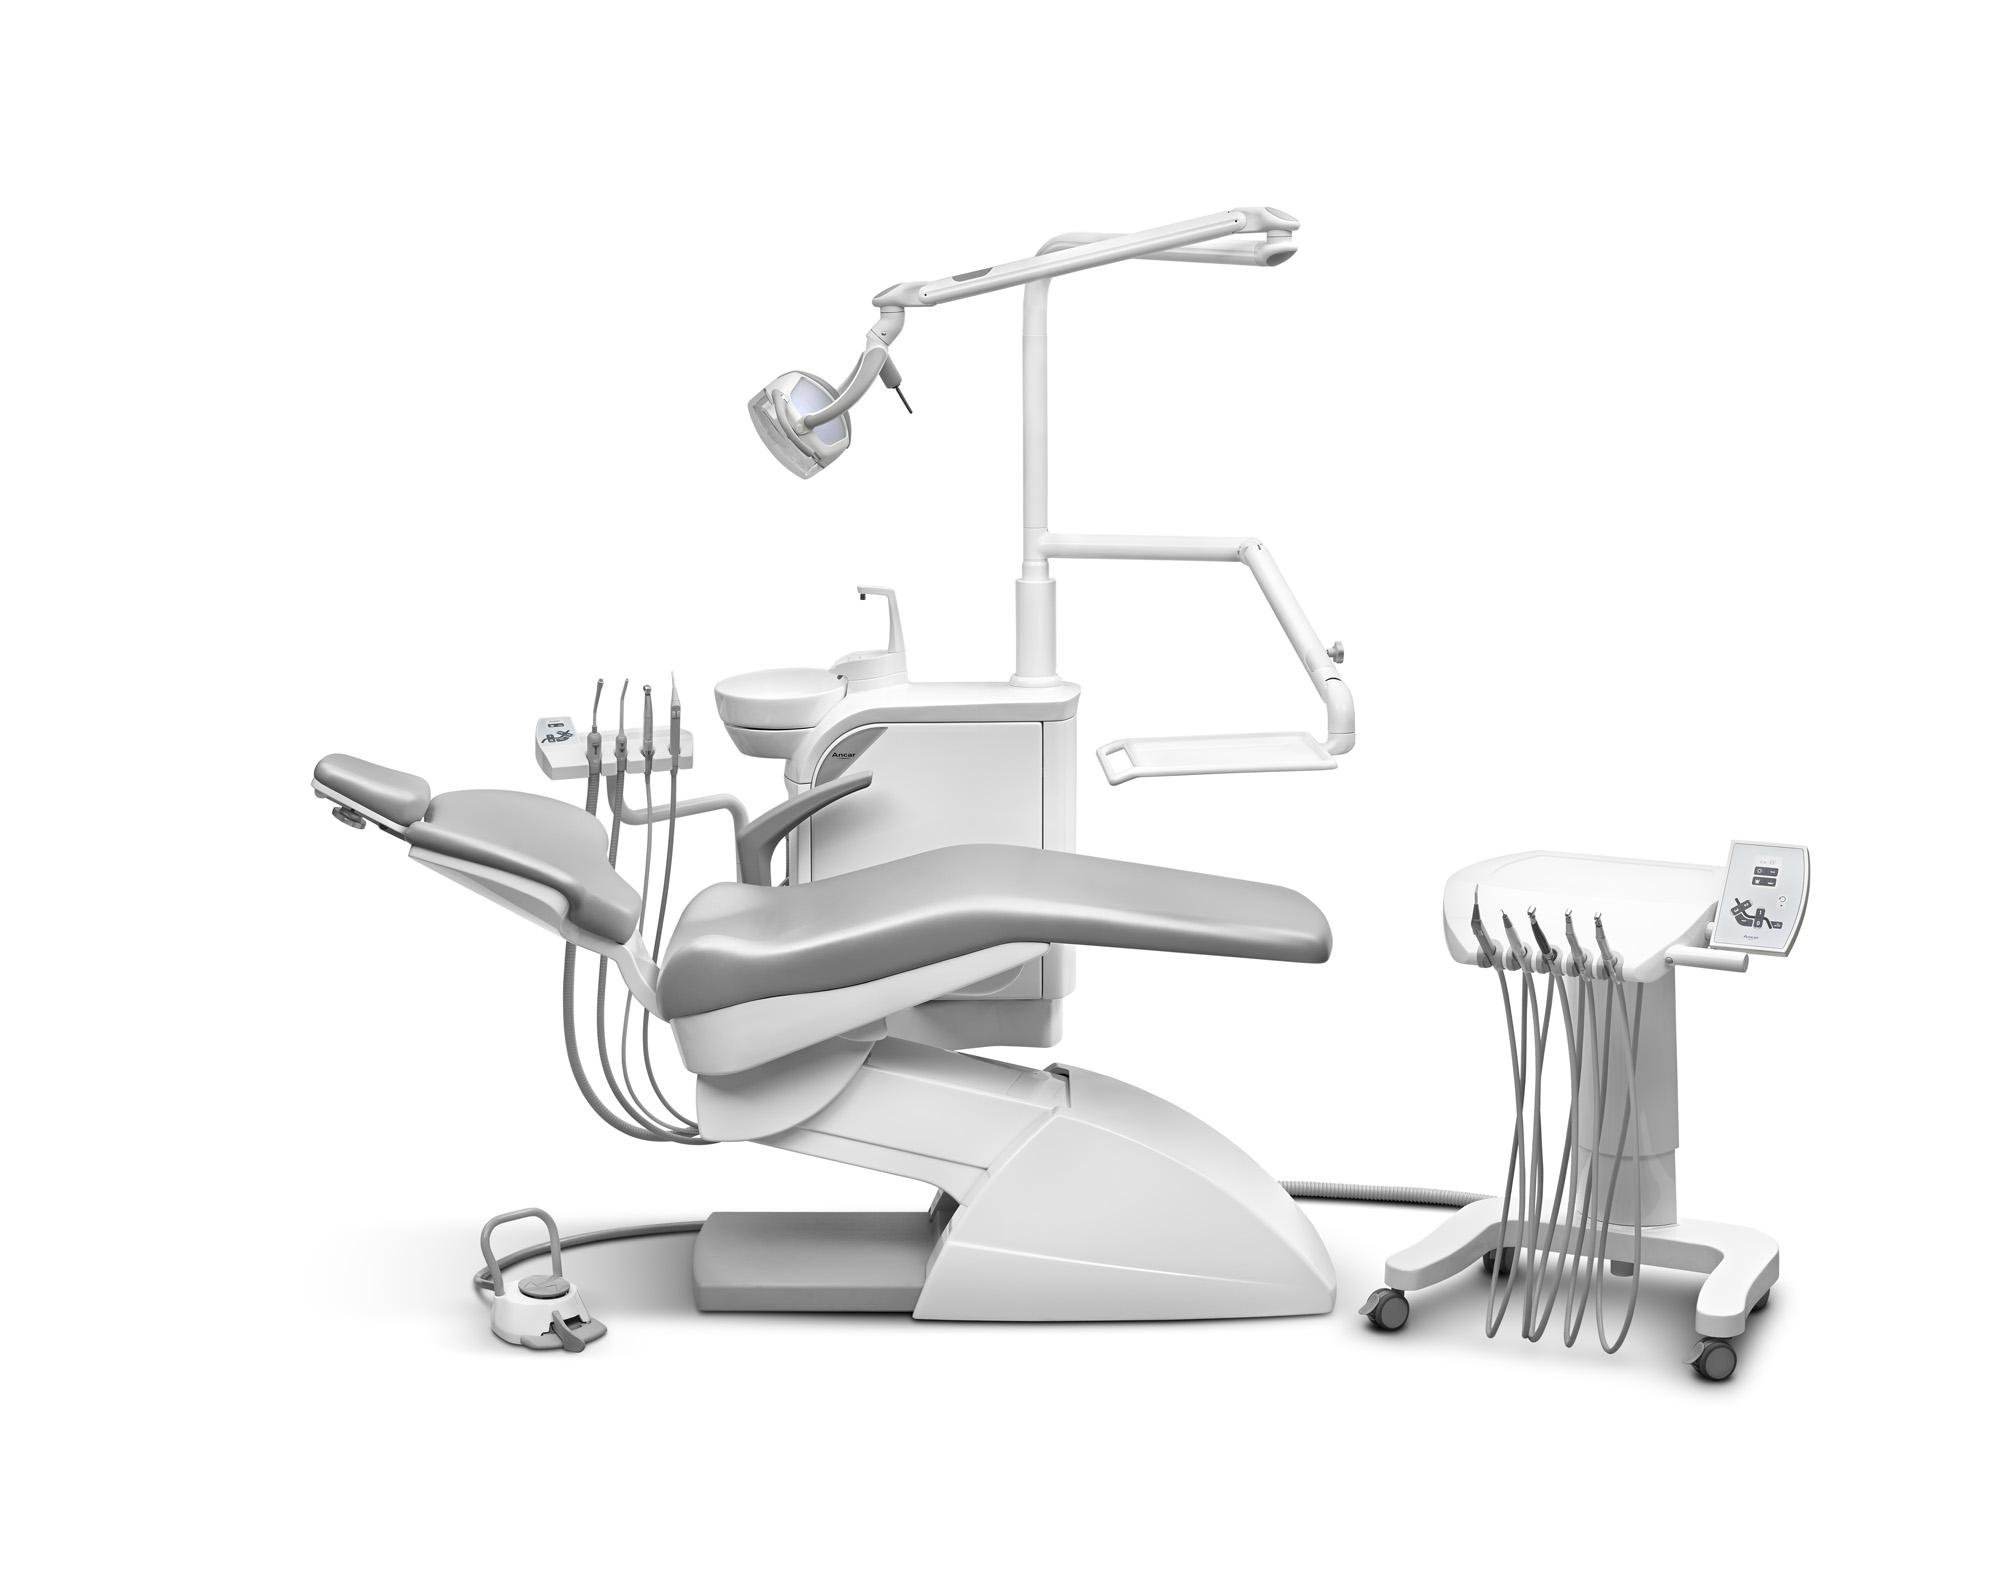 SD-25 Behandlungseinheit mit Cart CD-25 mit elektropneumatischer Steuerung